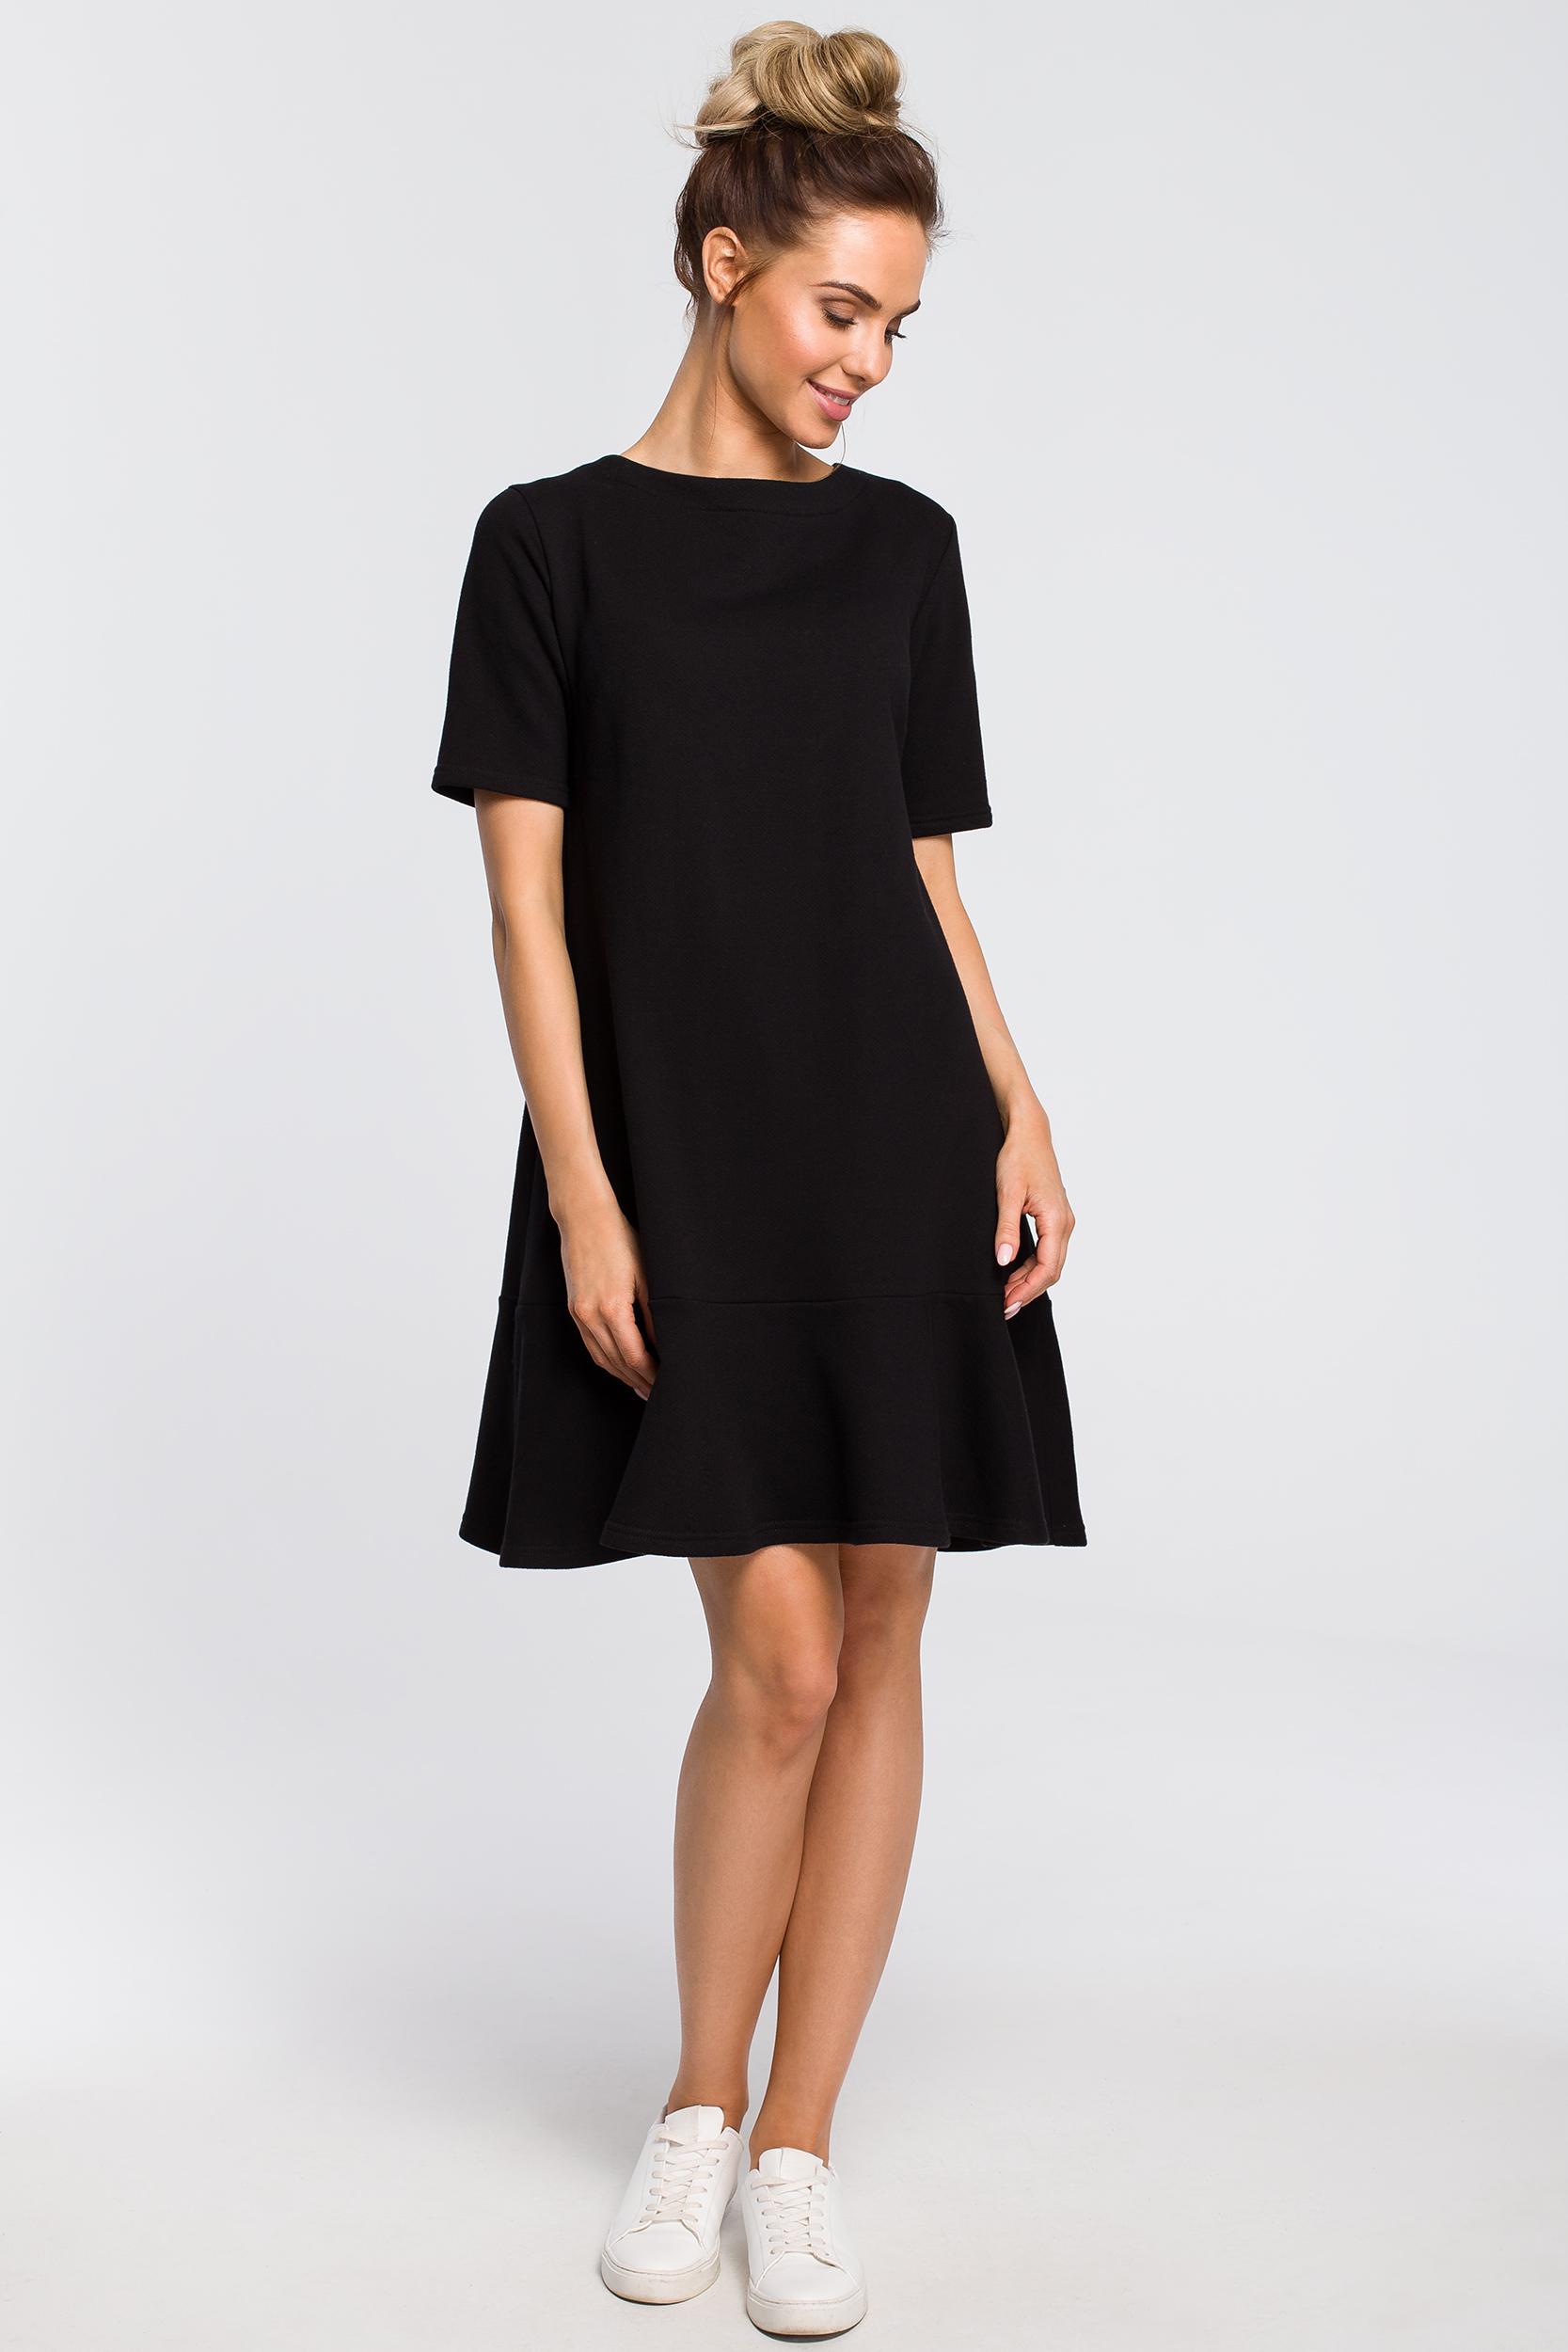 CM4100 Luźna sukienka z wiązaniem na plecach - czarna